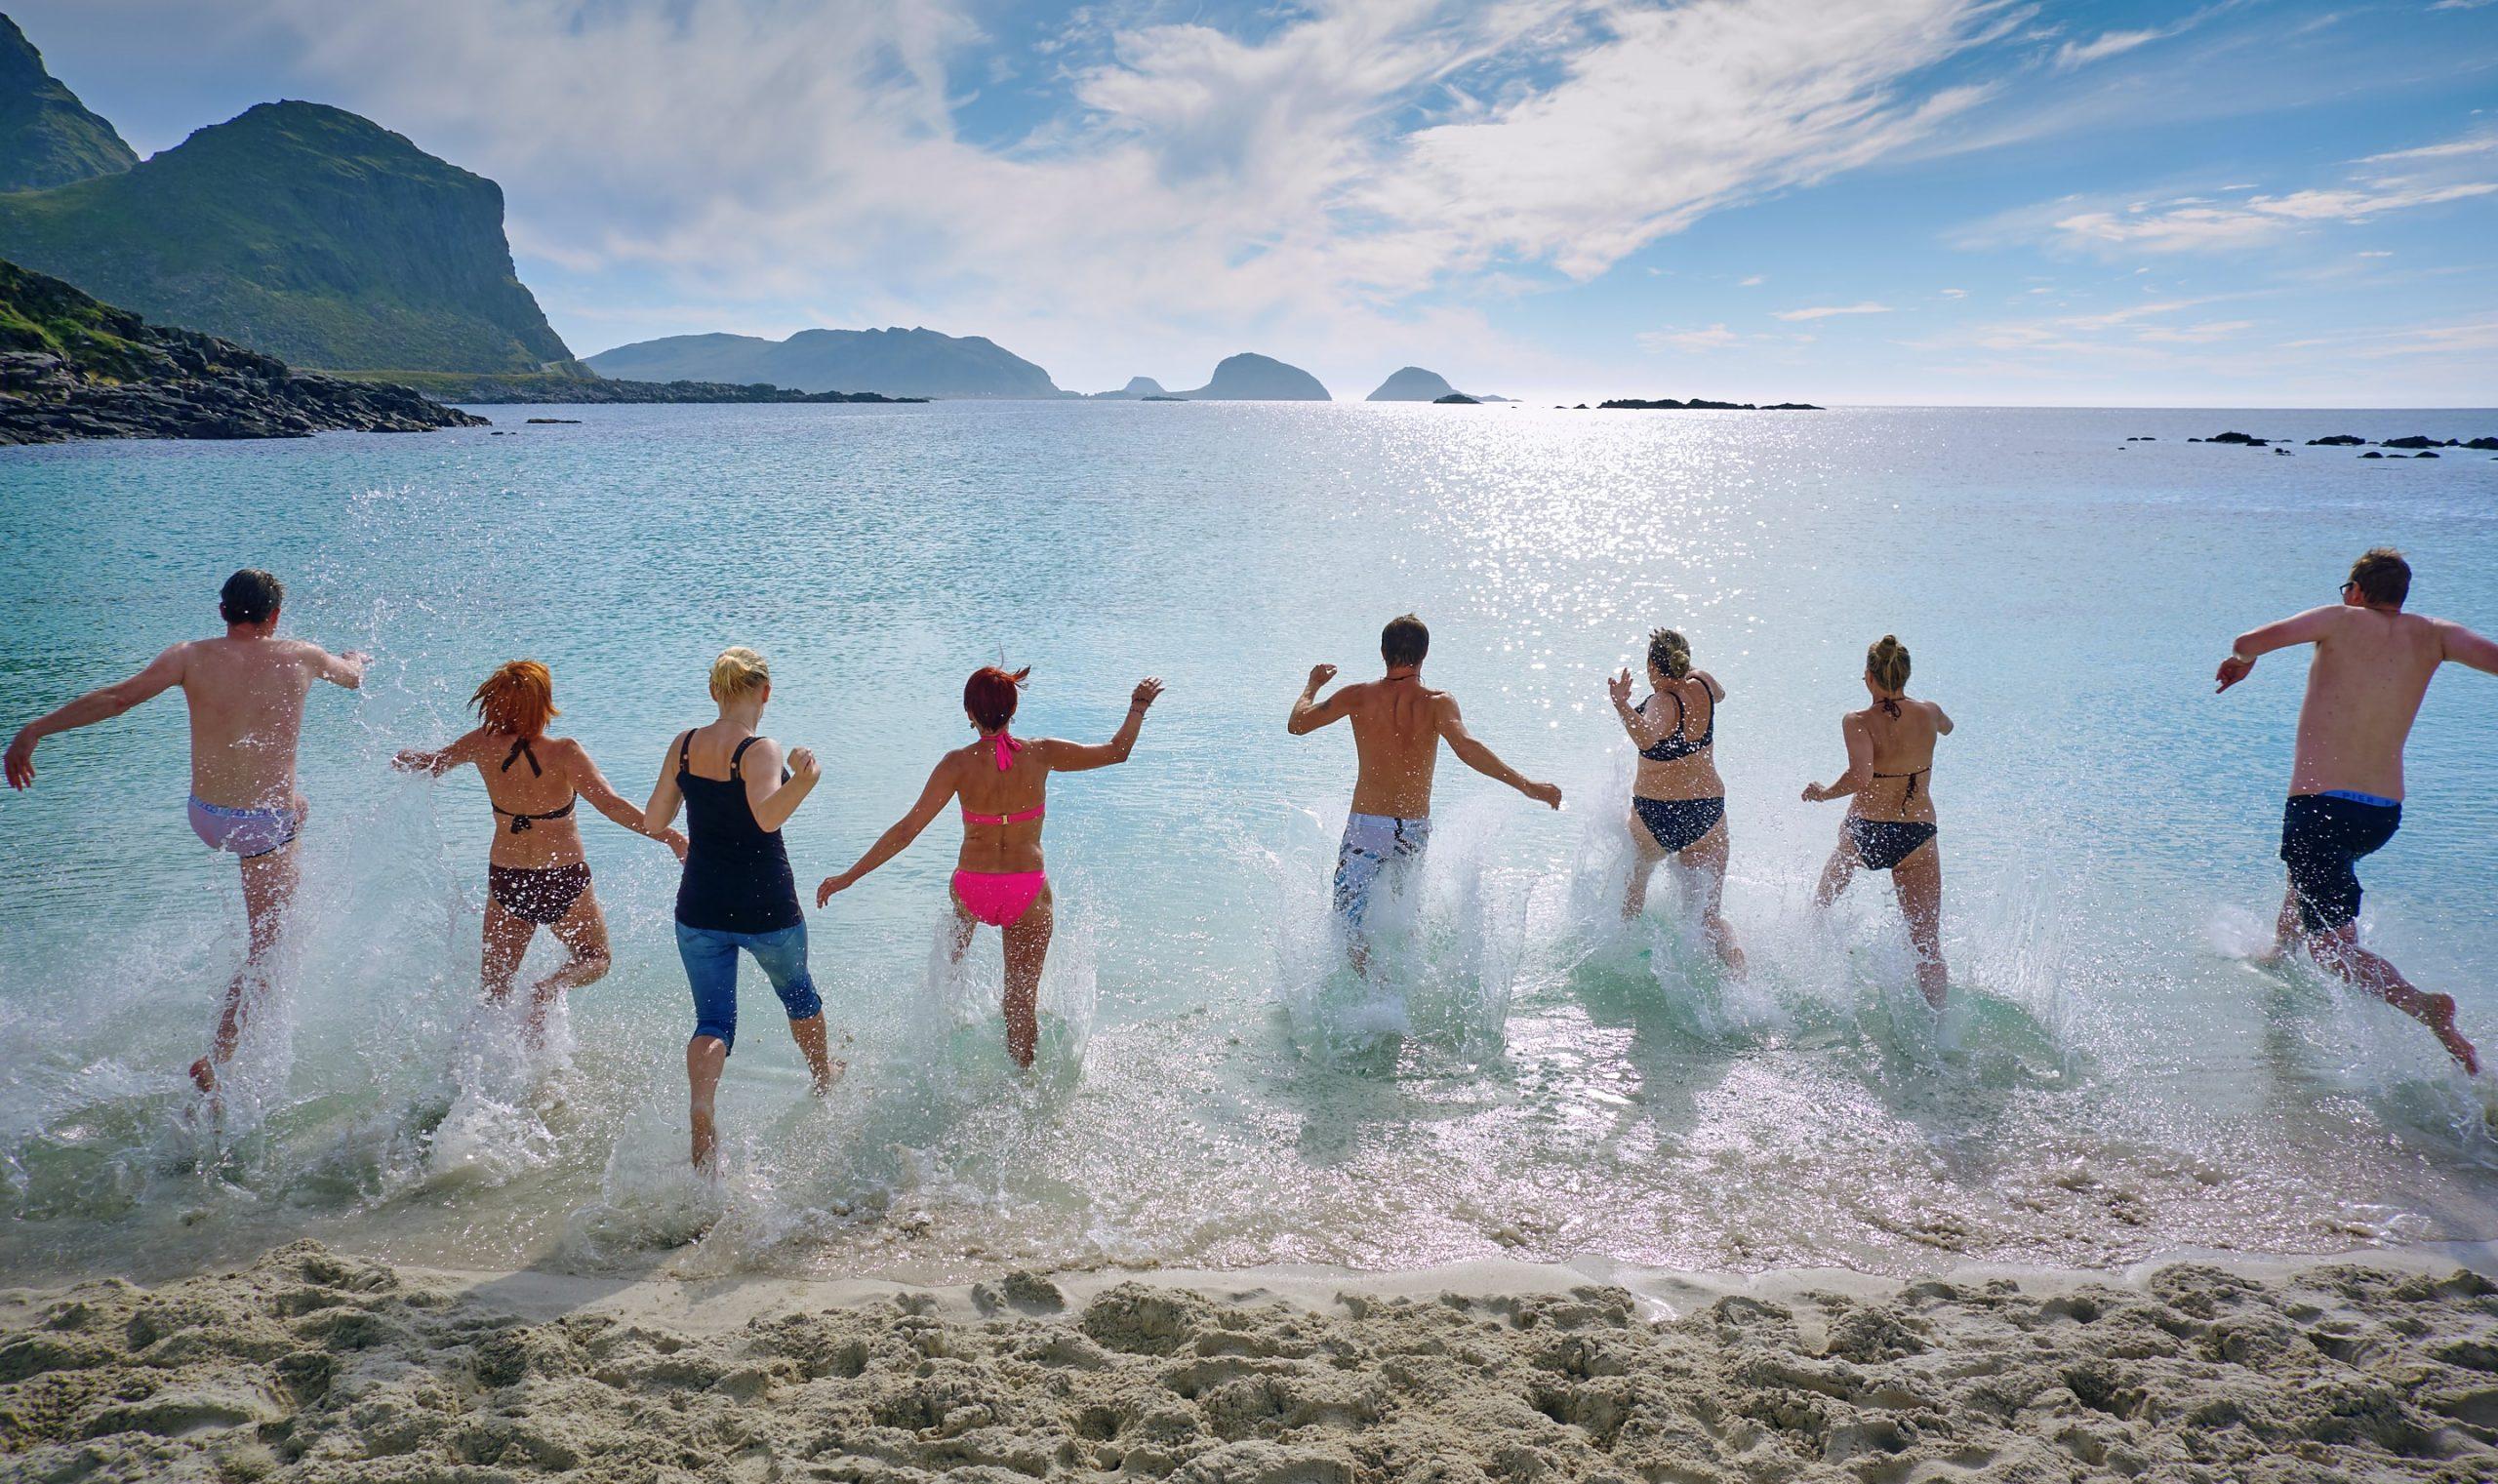 Πόσο ασφαλείς είναι οι παραλίες το καλοκαίρι του κορονοϊού; Οι ειδικοί απαντούν